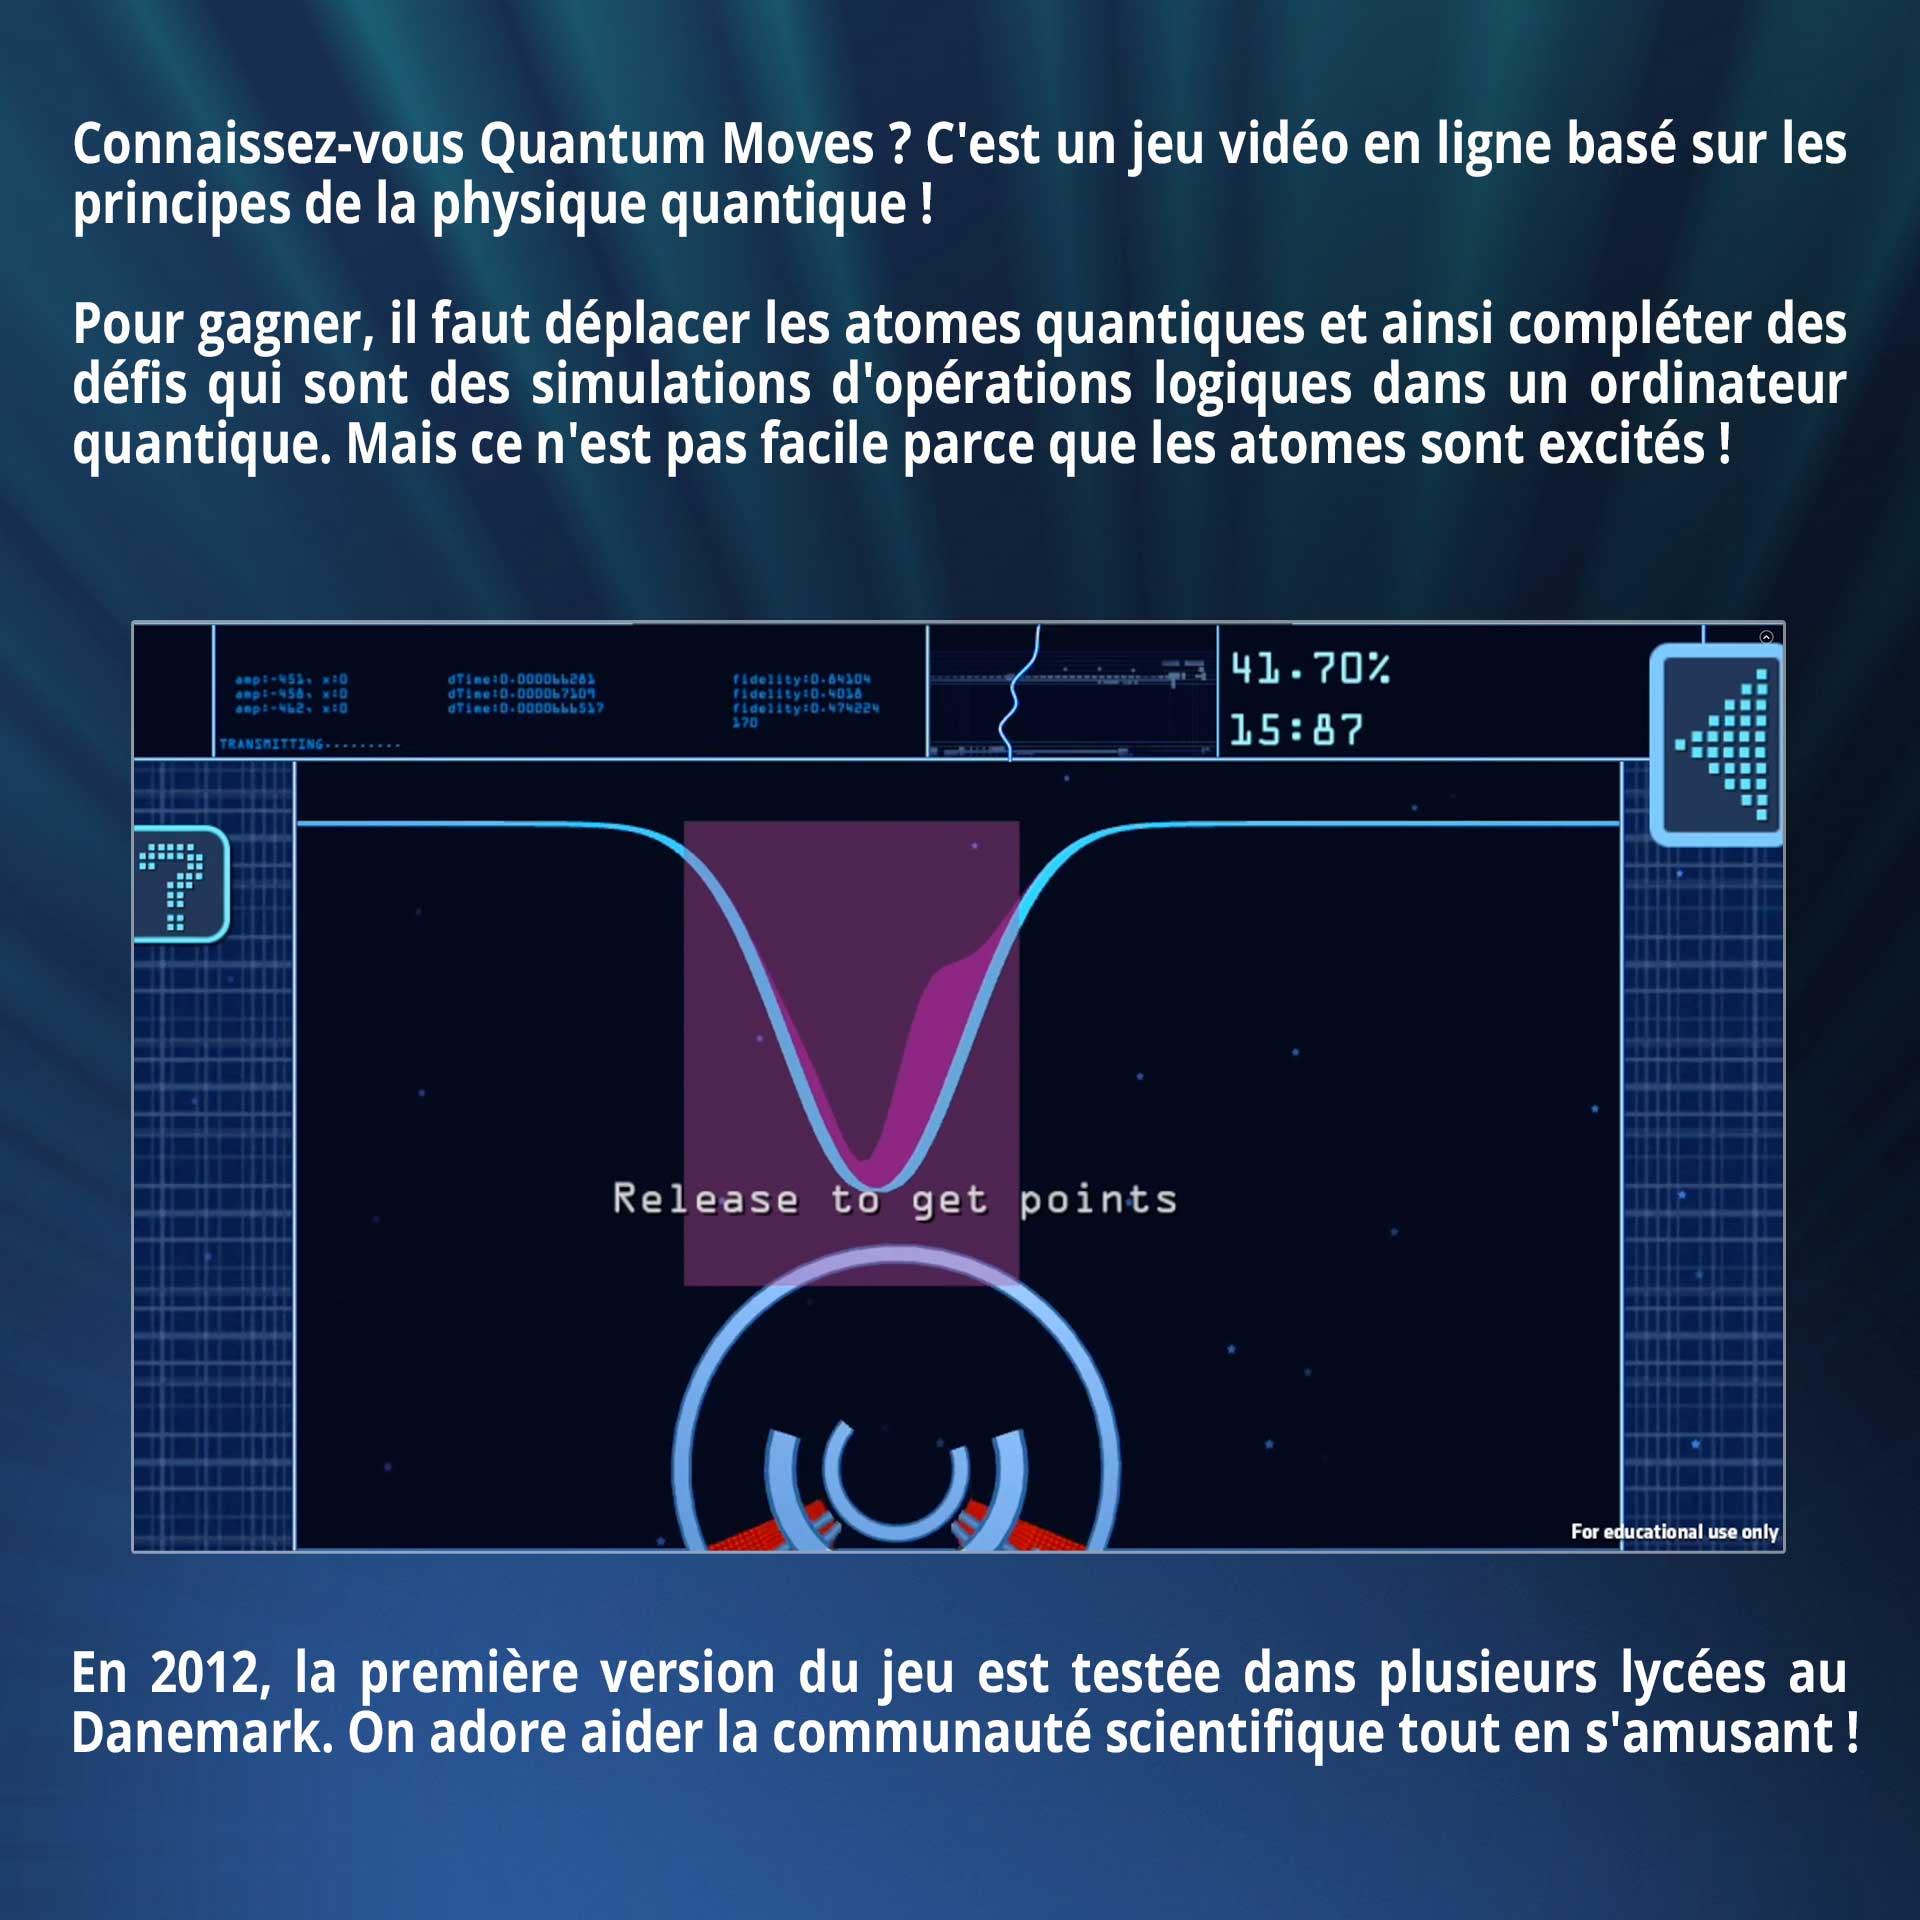 Connaissez-vous Quantum Moves ? C'est un jeu vidéo en ligne basé sur les principes de la physique quantique ! Pour gagner, il faut déplacer les atomes quantiques et ainsi compléter des défis qui sont des simulations d'opérations logiques dans un ordinateur quantique. Mais ce n'est pas facile ! Déjà, parce que les atomes sont excités... En 2012, la première version du jeu est testée dans plusieurs lycées au Danemark. On adore aider la communauté scientifique tout en s'amusant !